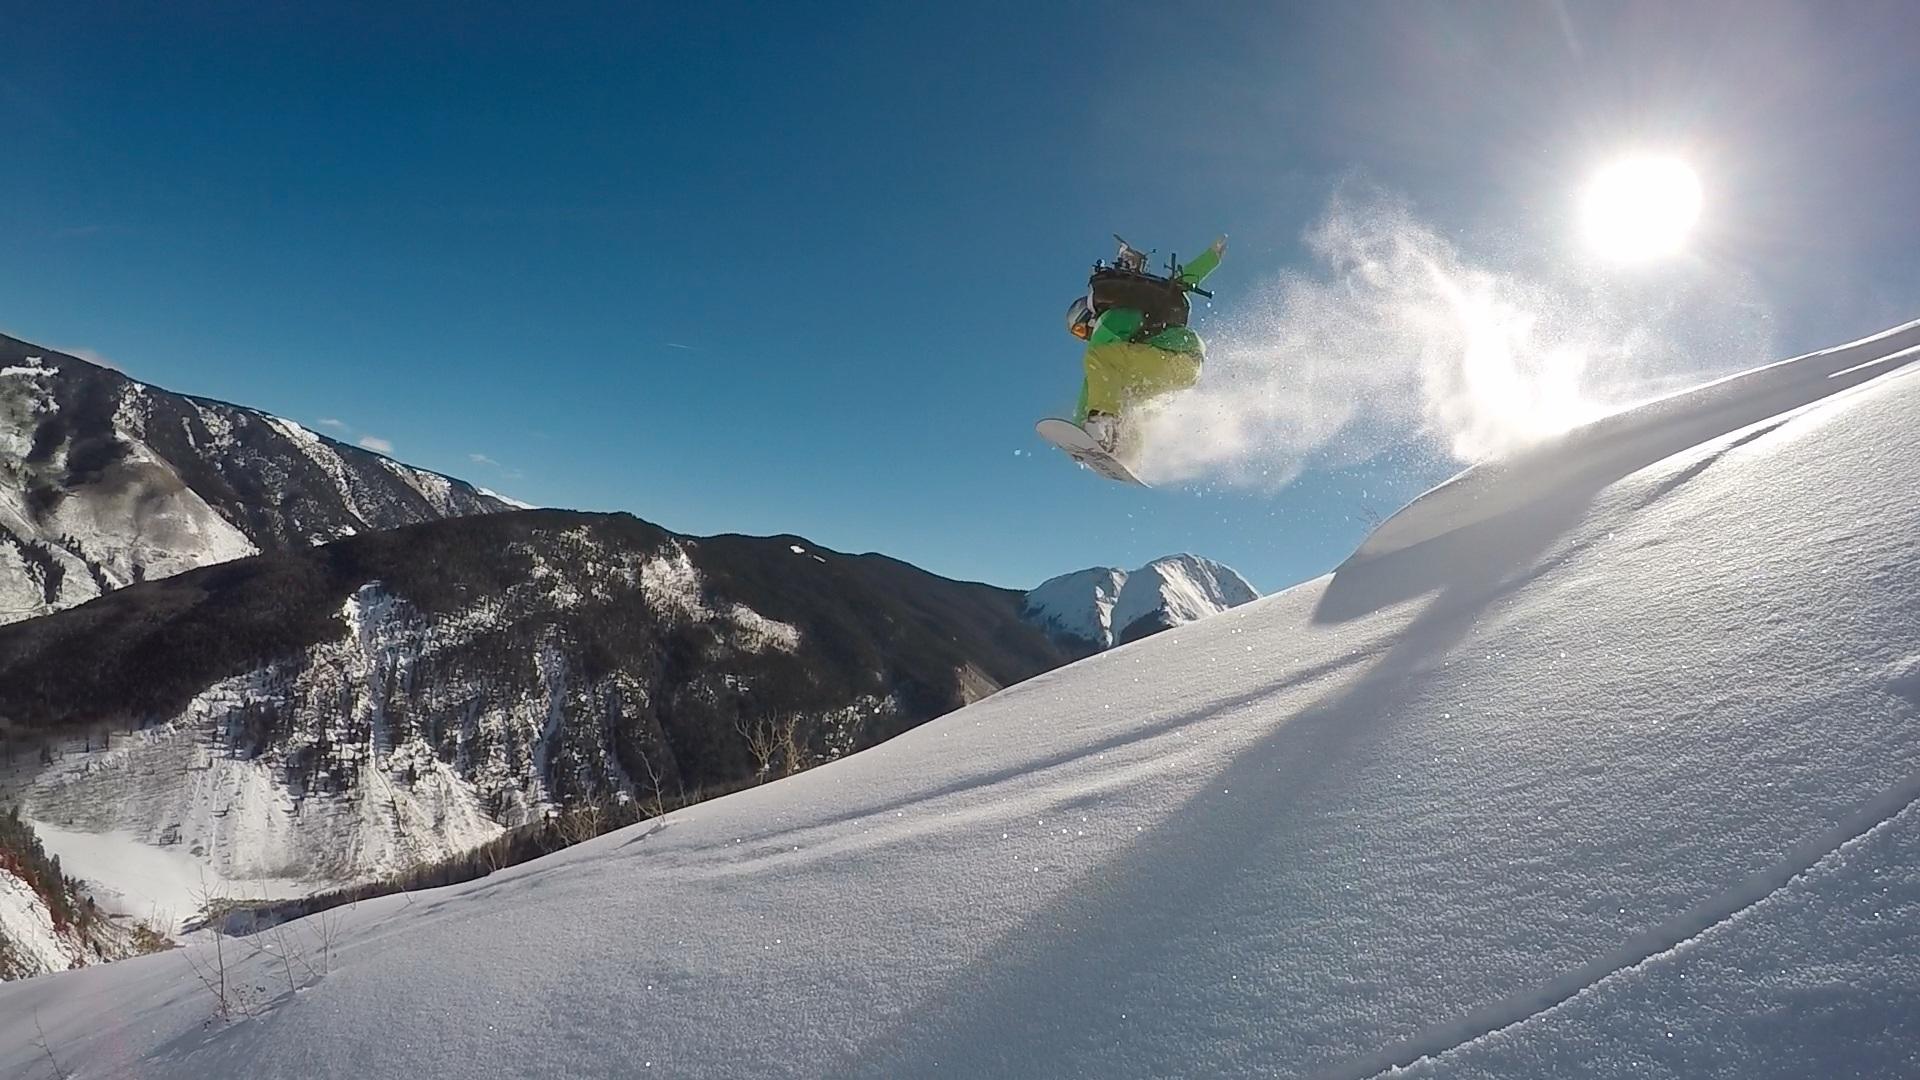 snowboarder-1170828